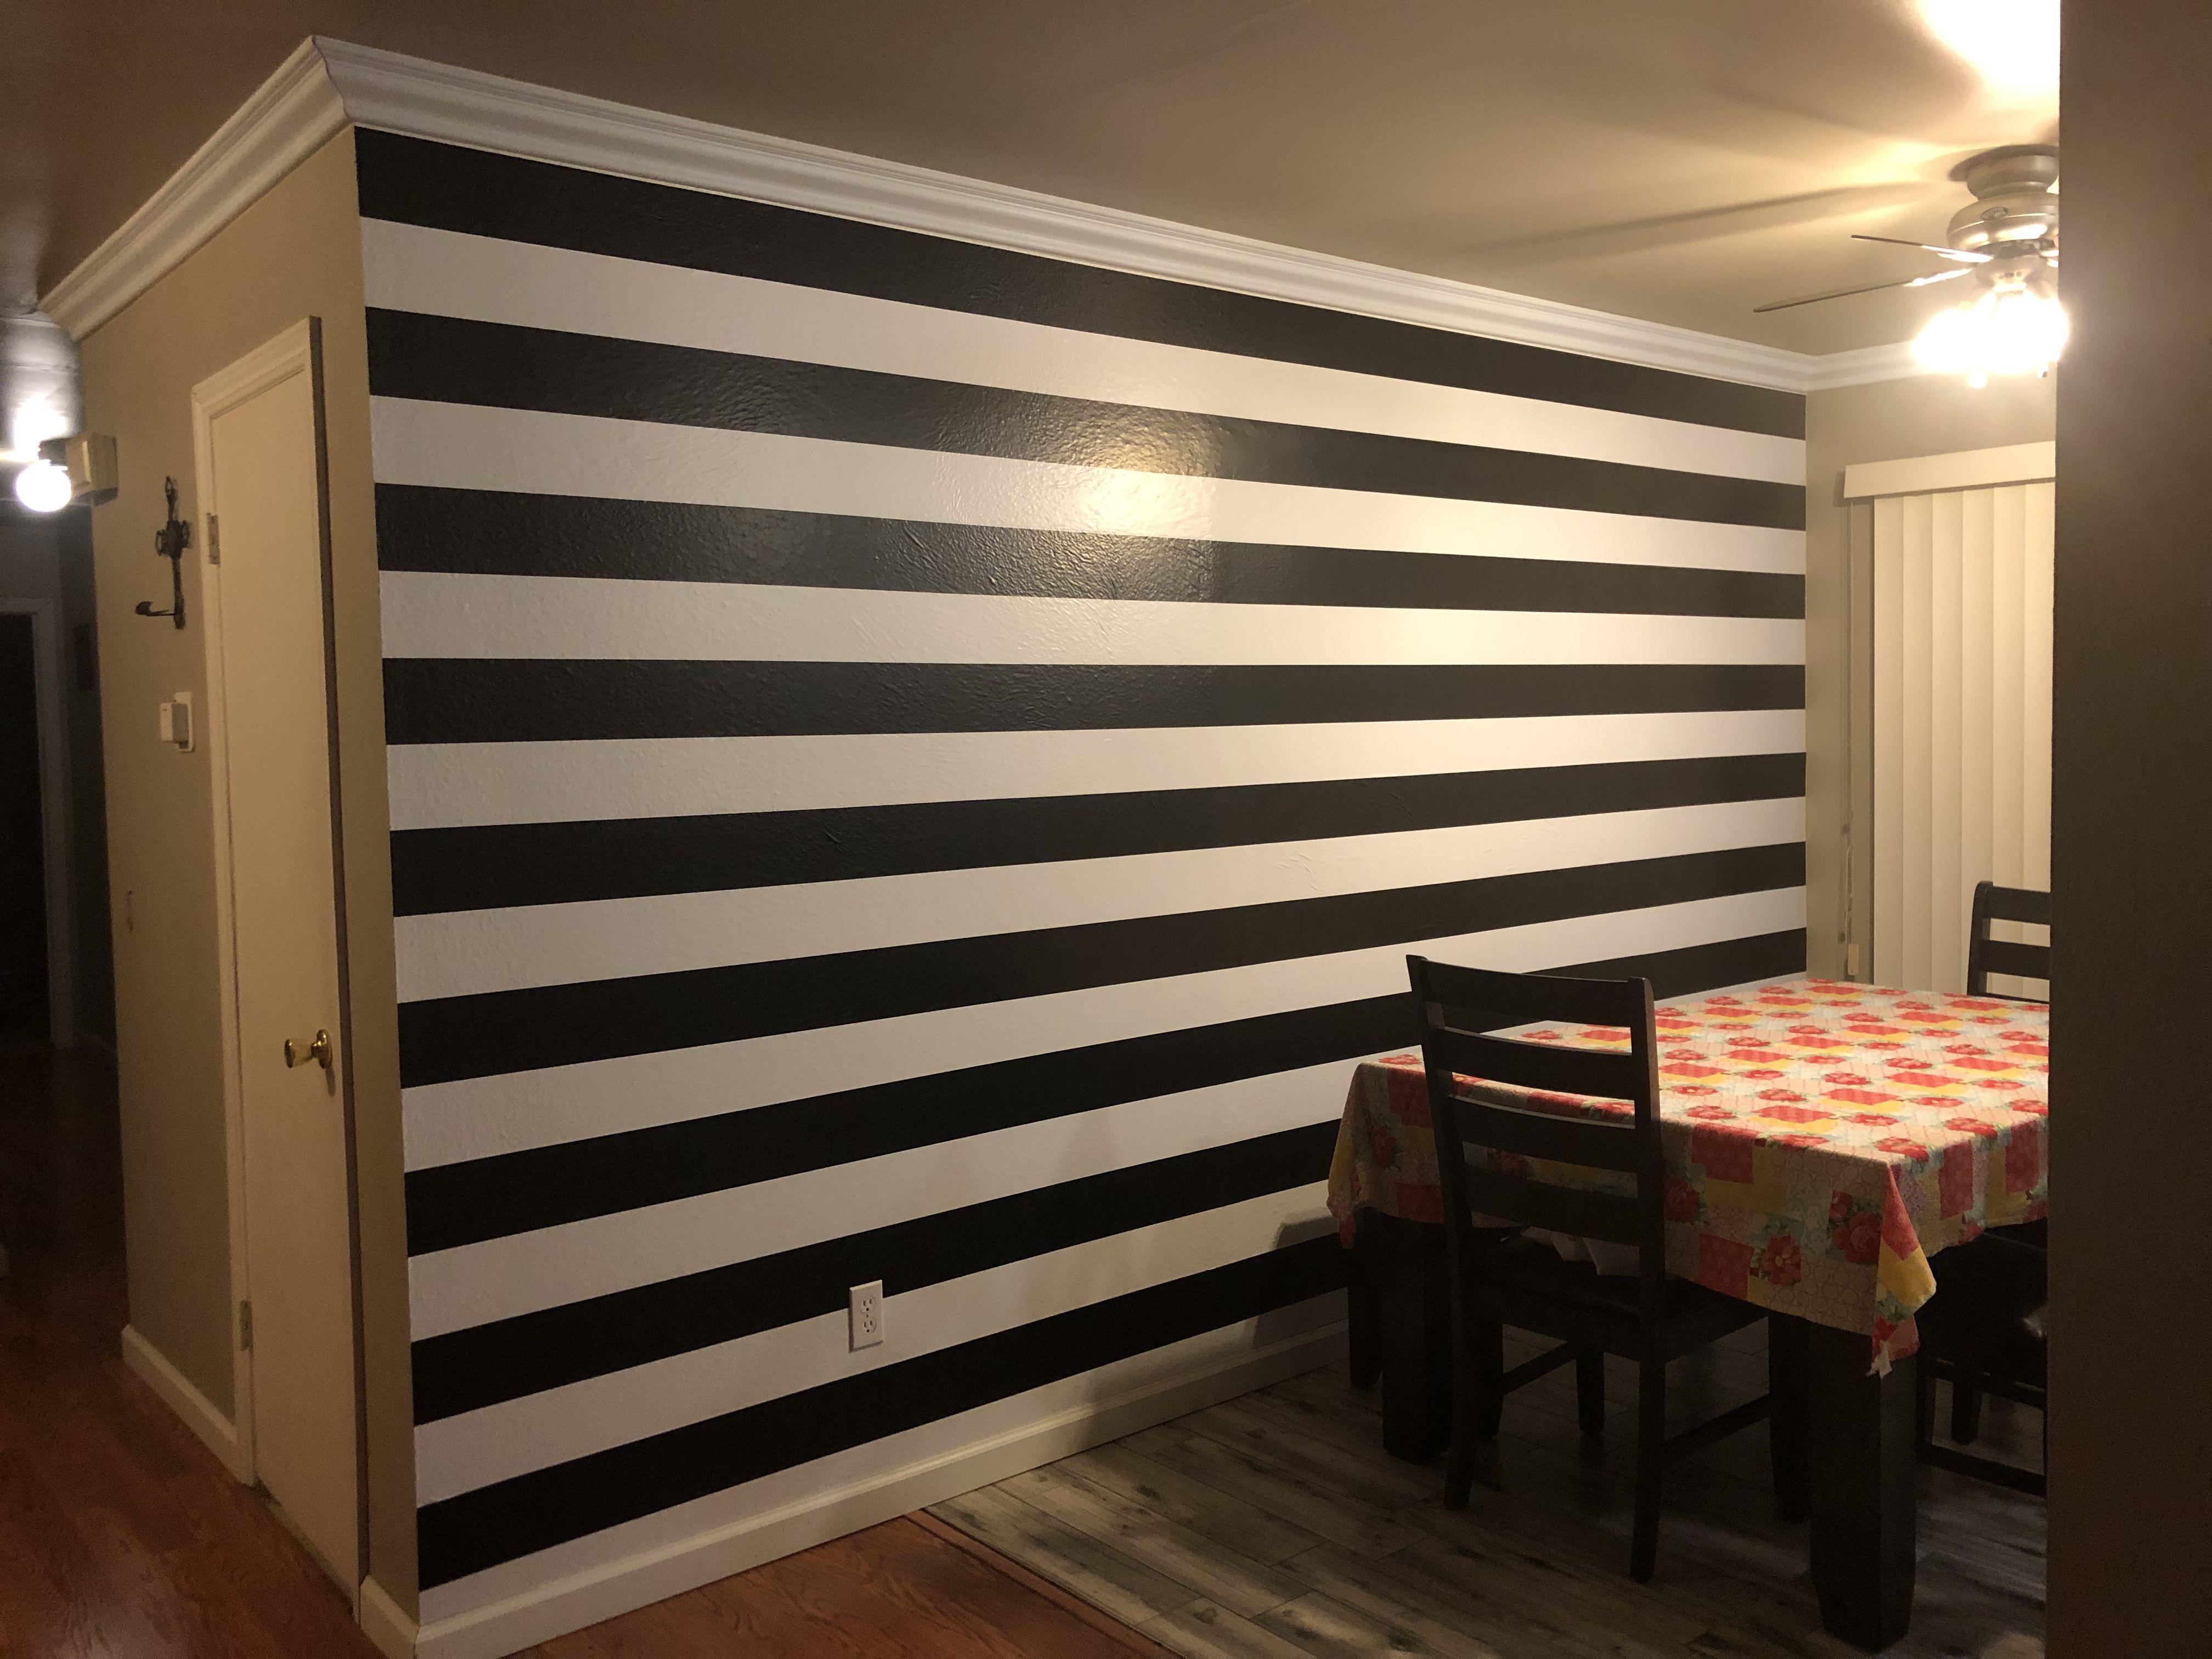 Kitchen Accent Wall | Accent wall in kitchen, Accent wall ...